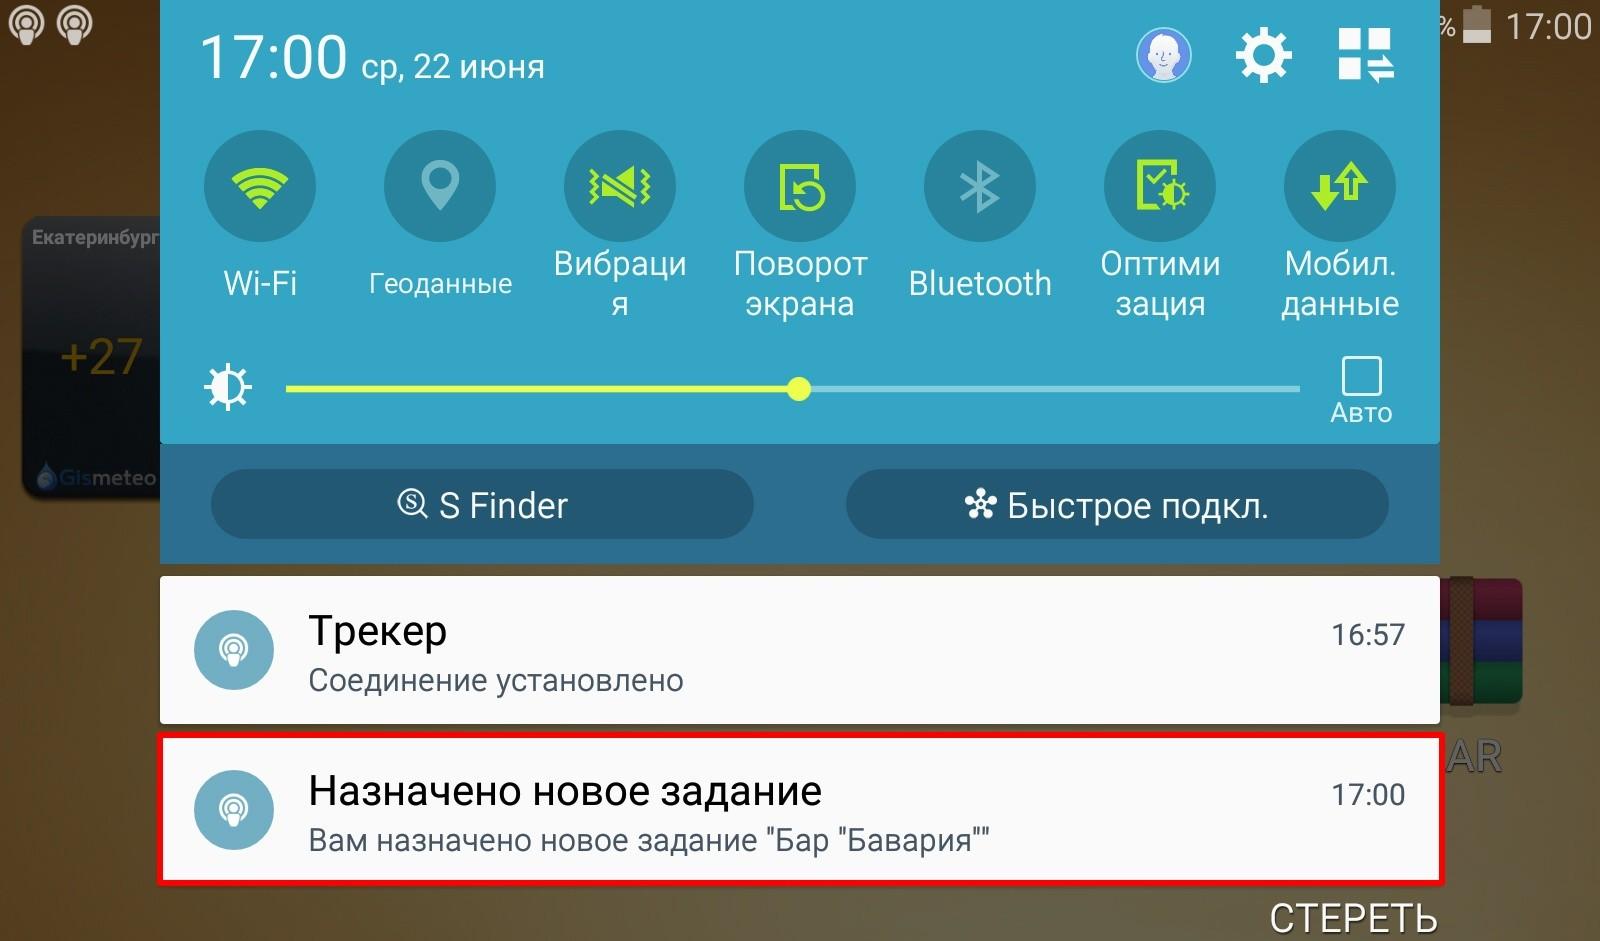 Сотрудник получает на смартфон или планшет push-уведомление